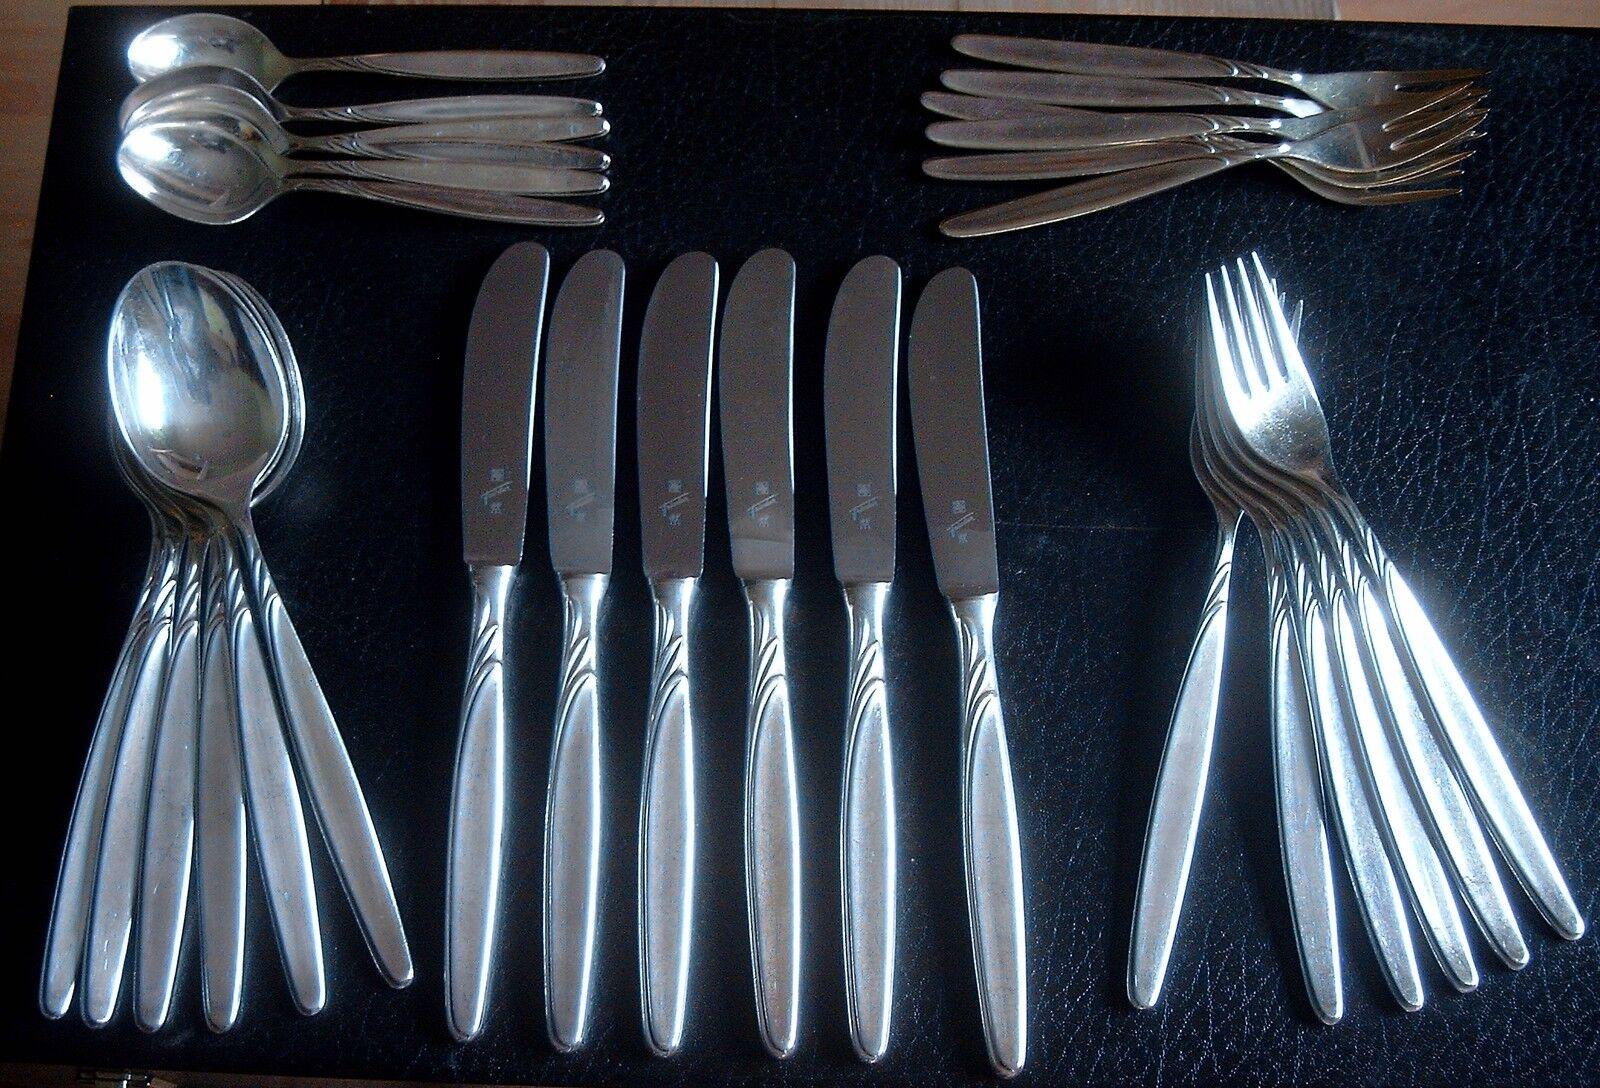 WMF Modell 4500 Rom 30 teilig, 6 6 6 Personen   90 er Silberauflage unbenutzt   Shop  e70509